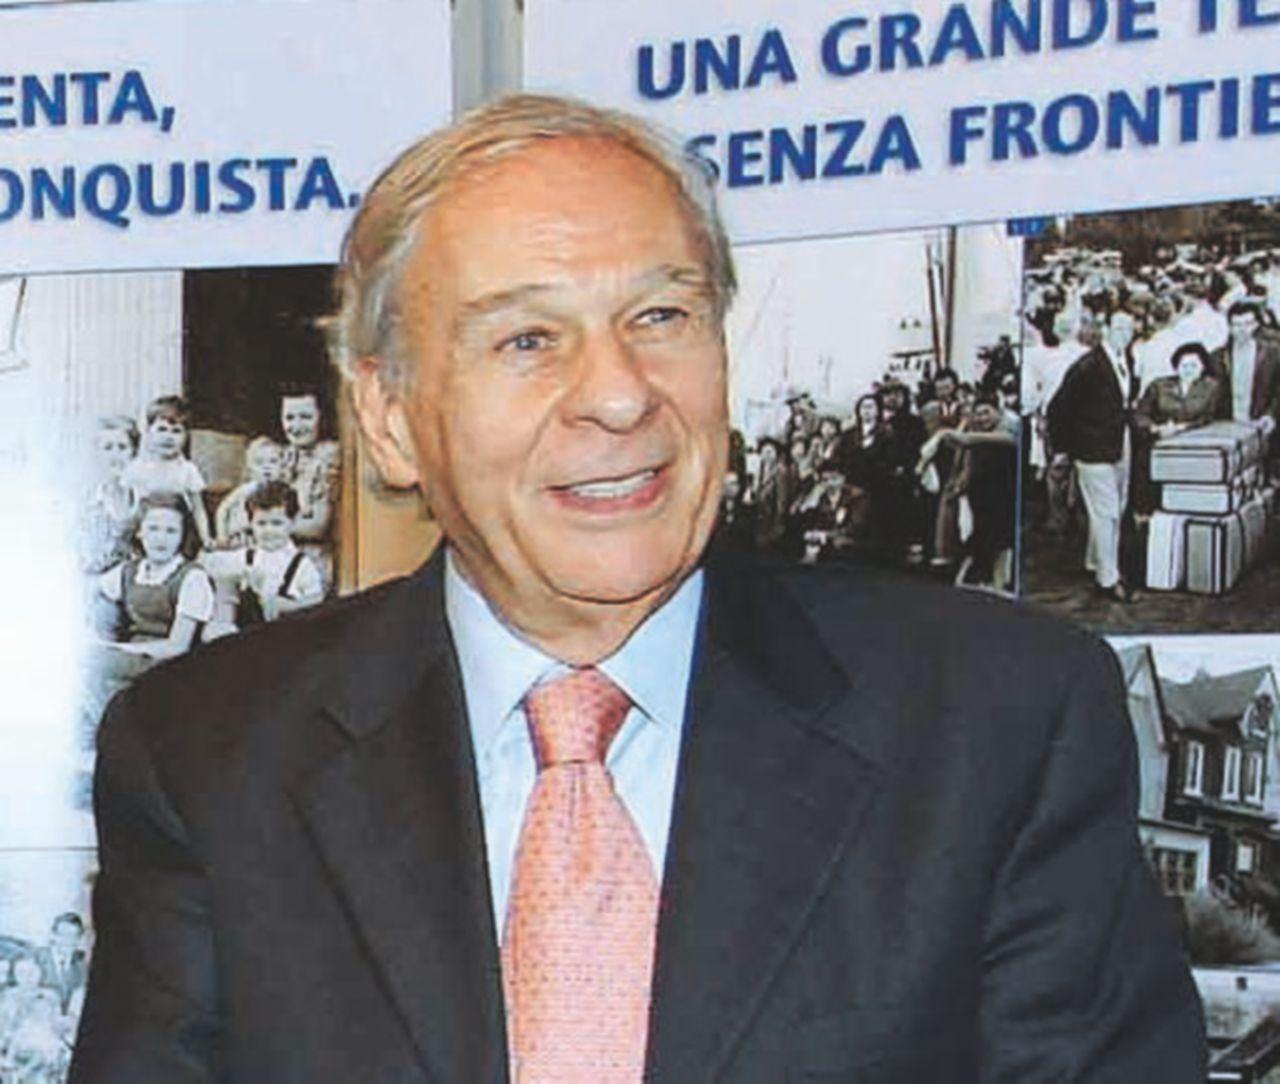 Forza Italia e l'espulsione in terapia intensiva